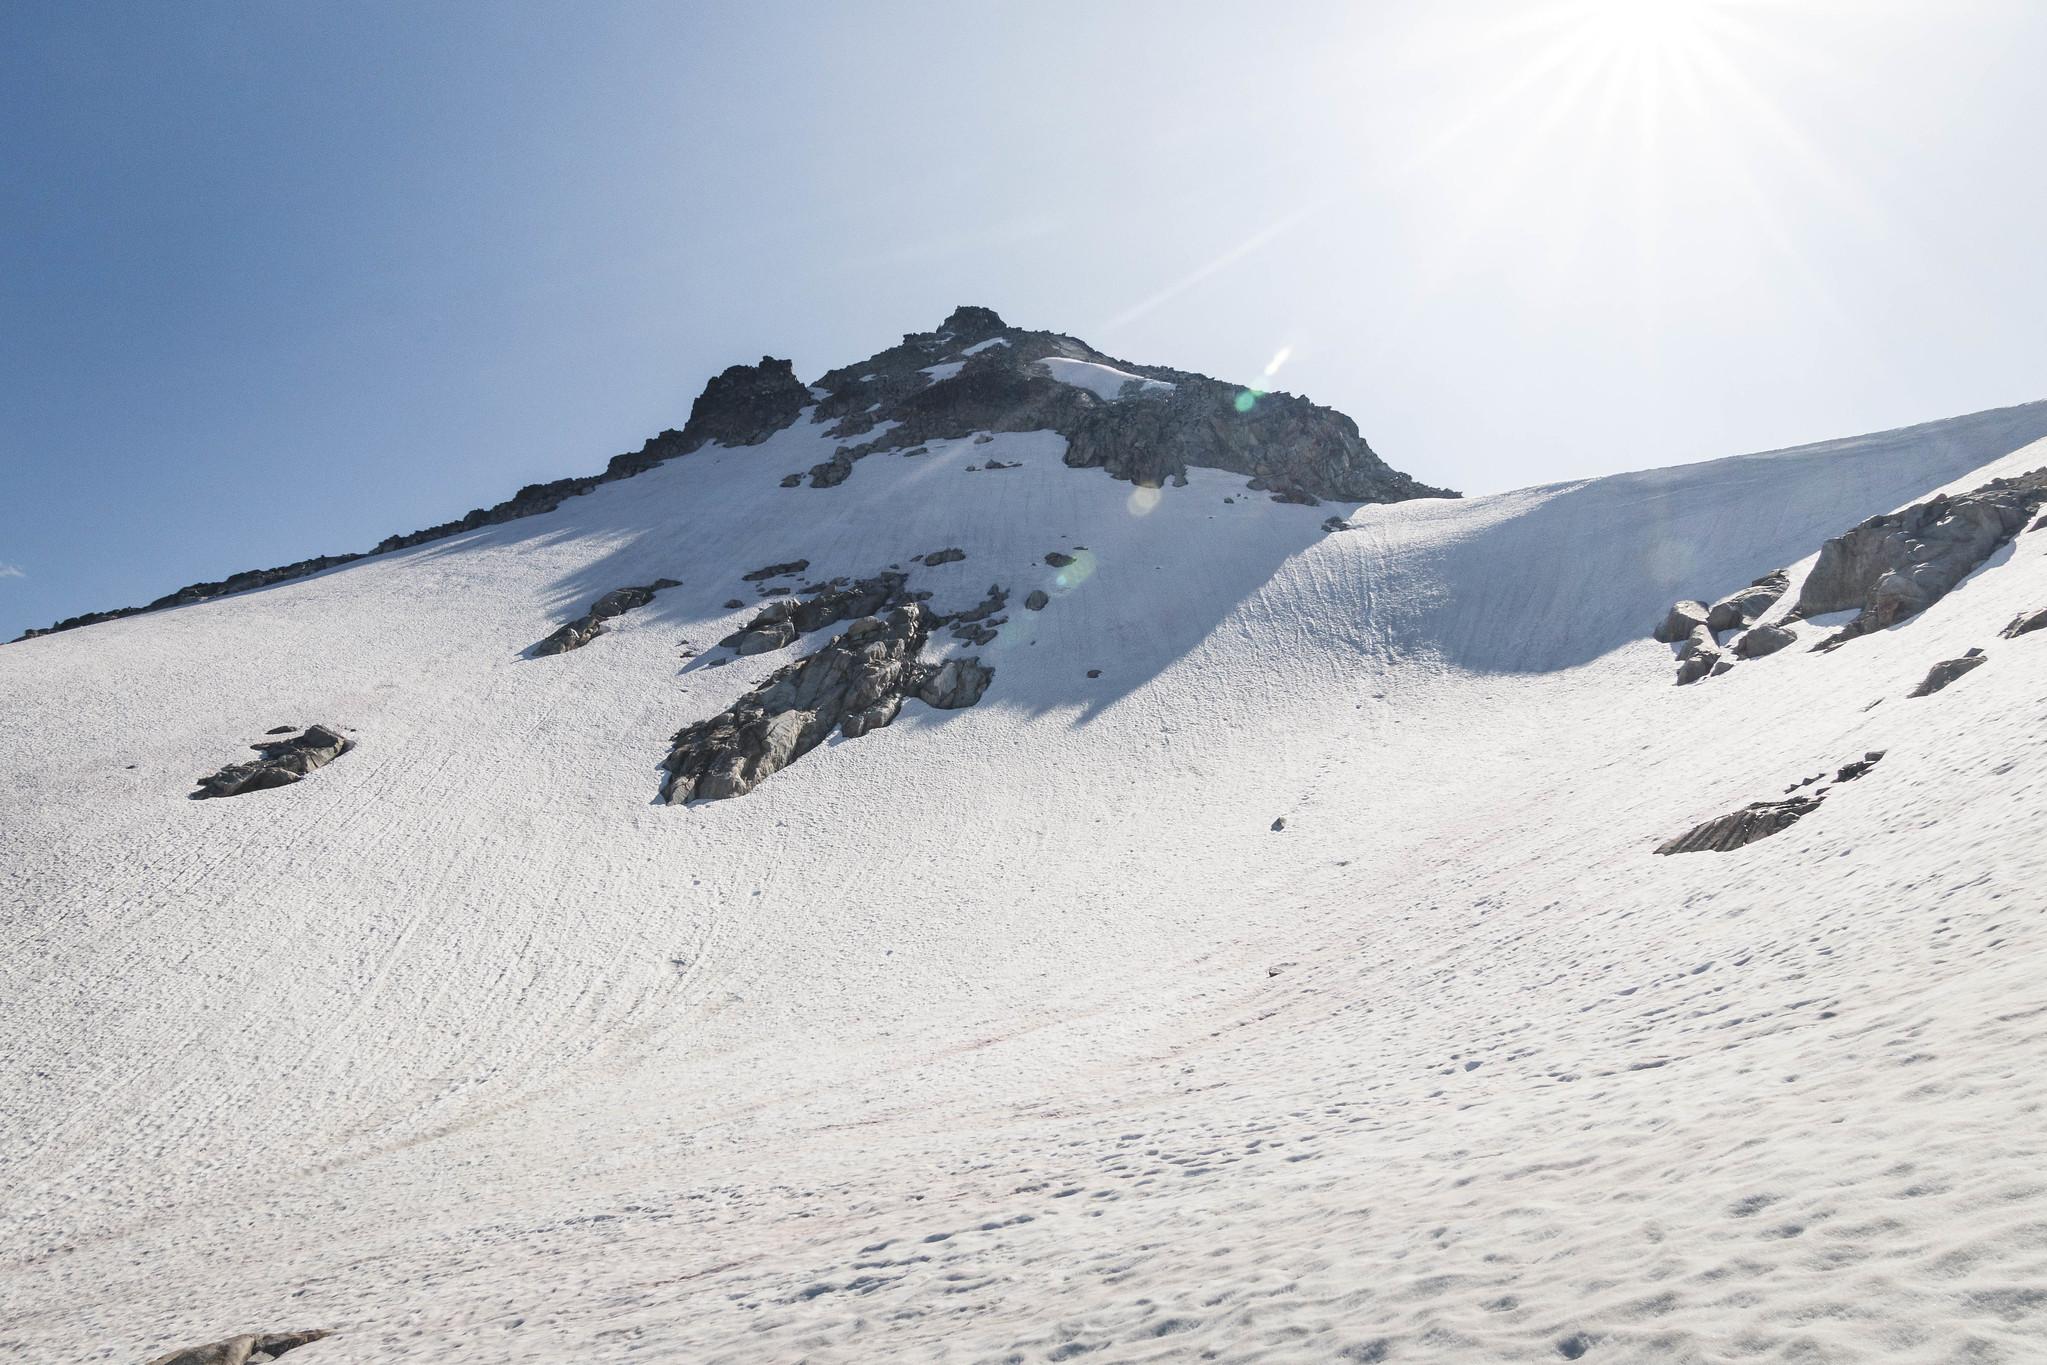 Napeequa Peak in her full glory